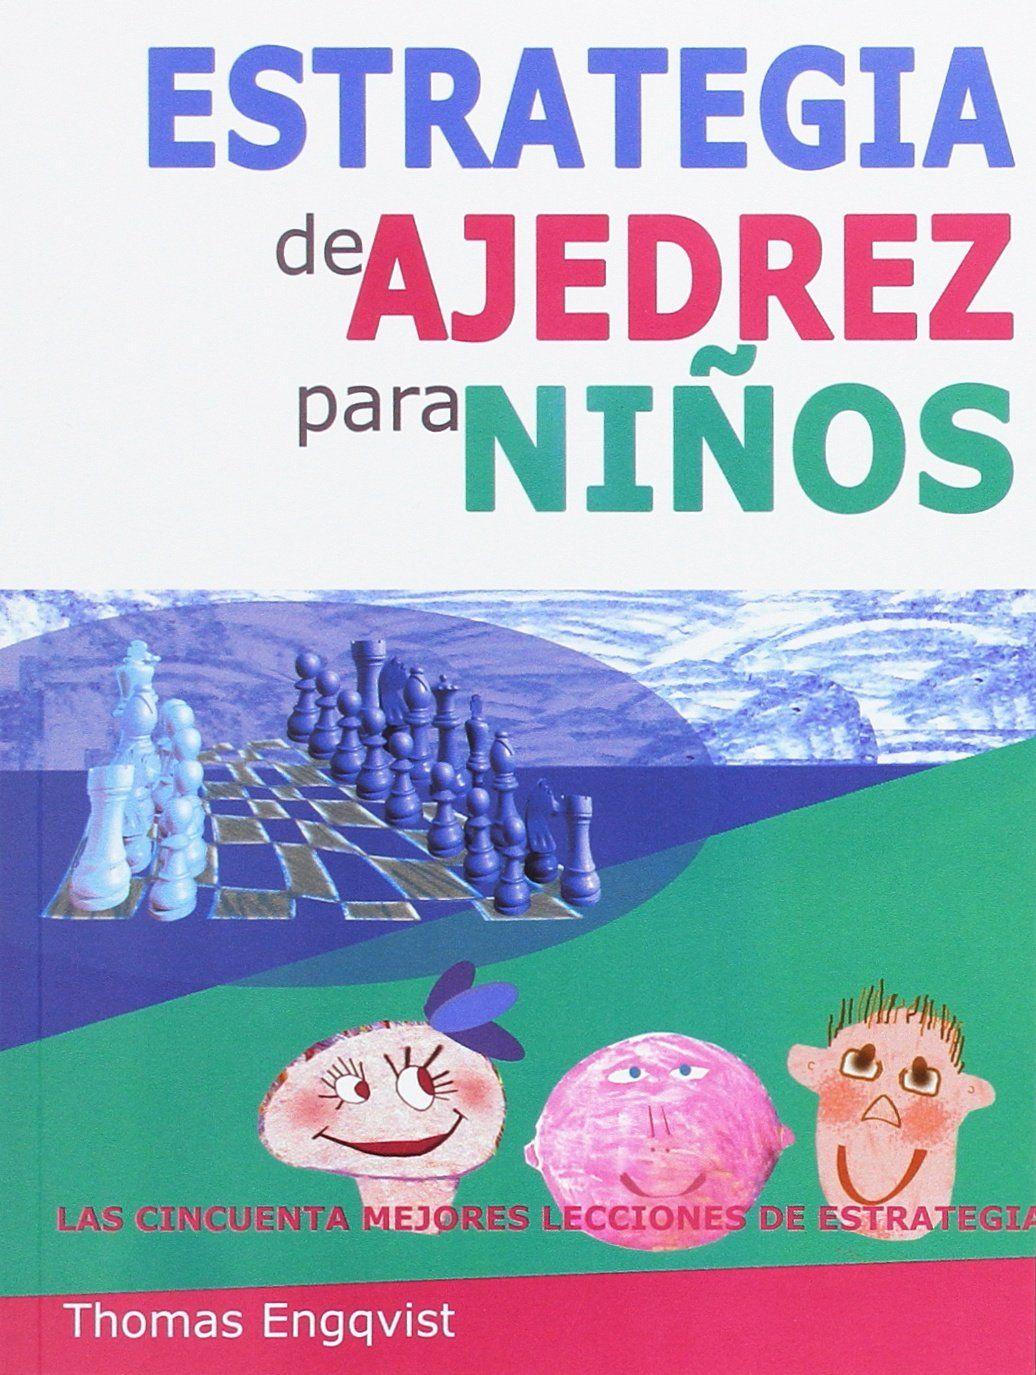 Libro de estrategia de ajedrez para niños